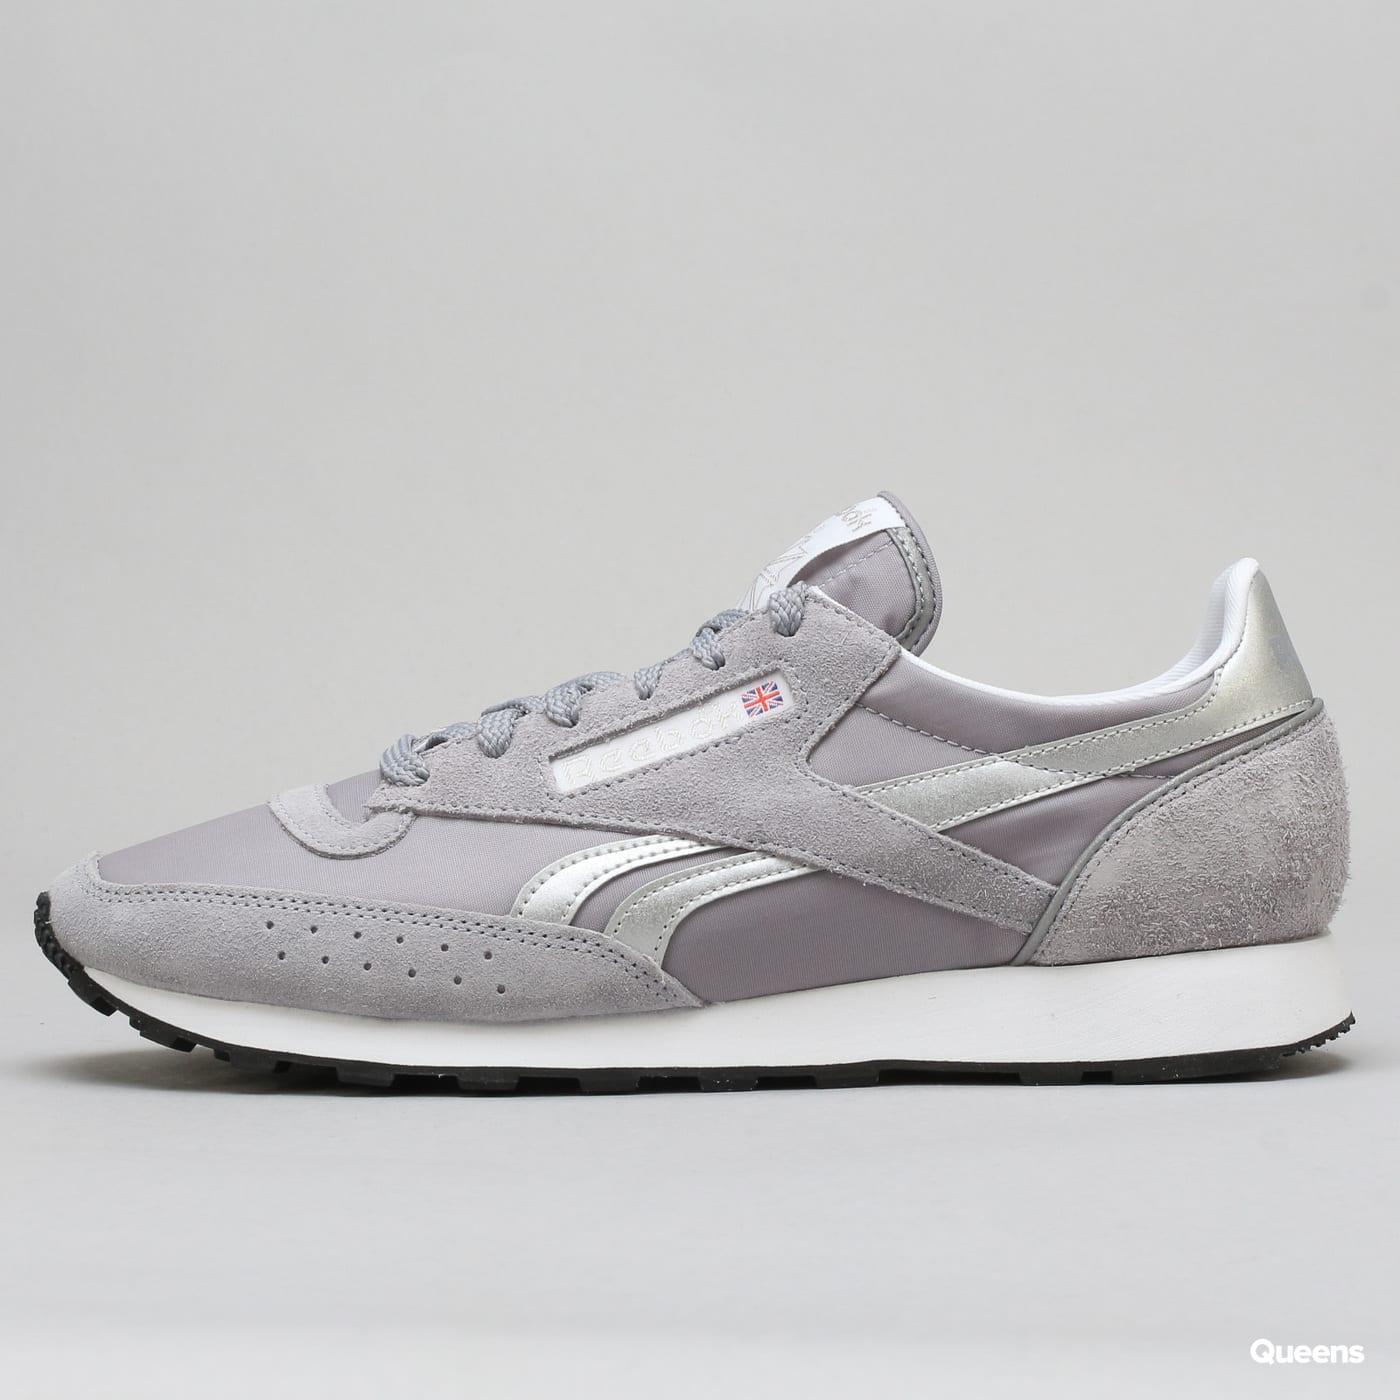 99c628d1a305 Sneakers Reebok Classic 83 (CN3595)– Queens 💚